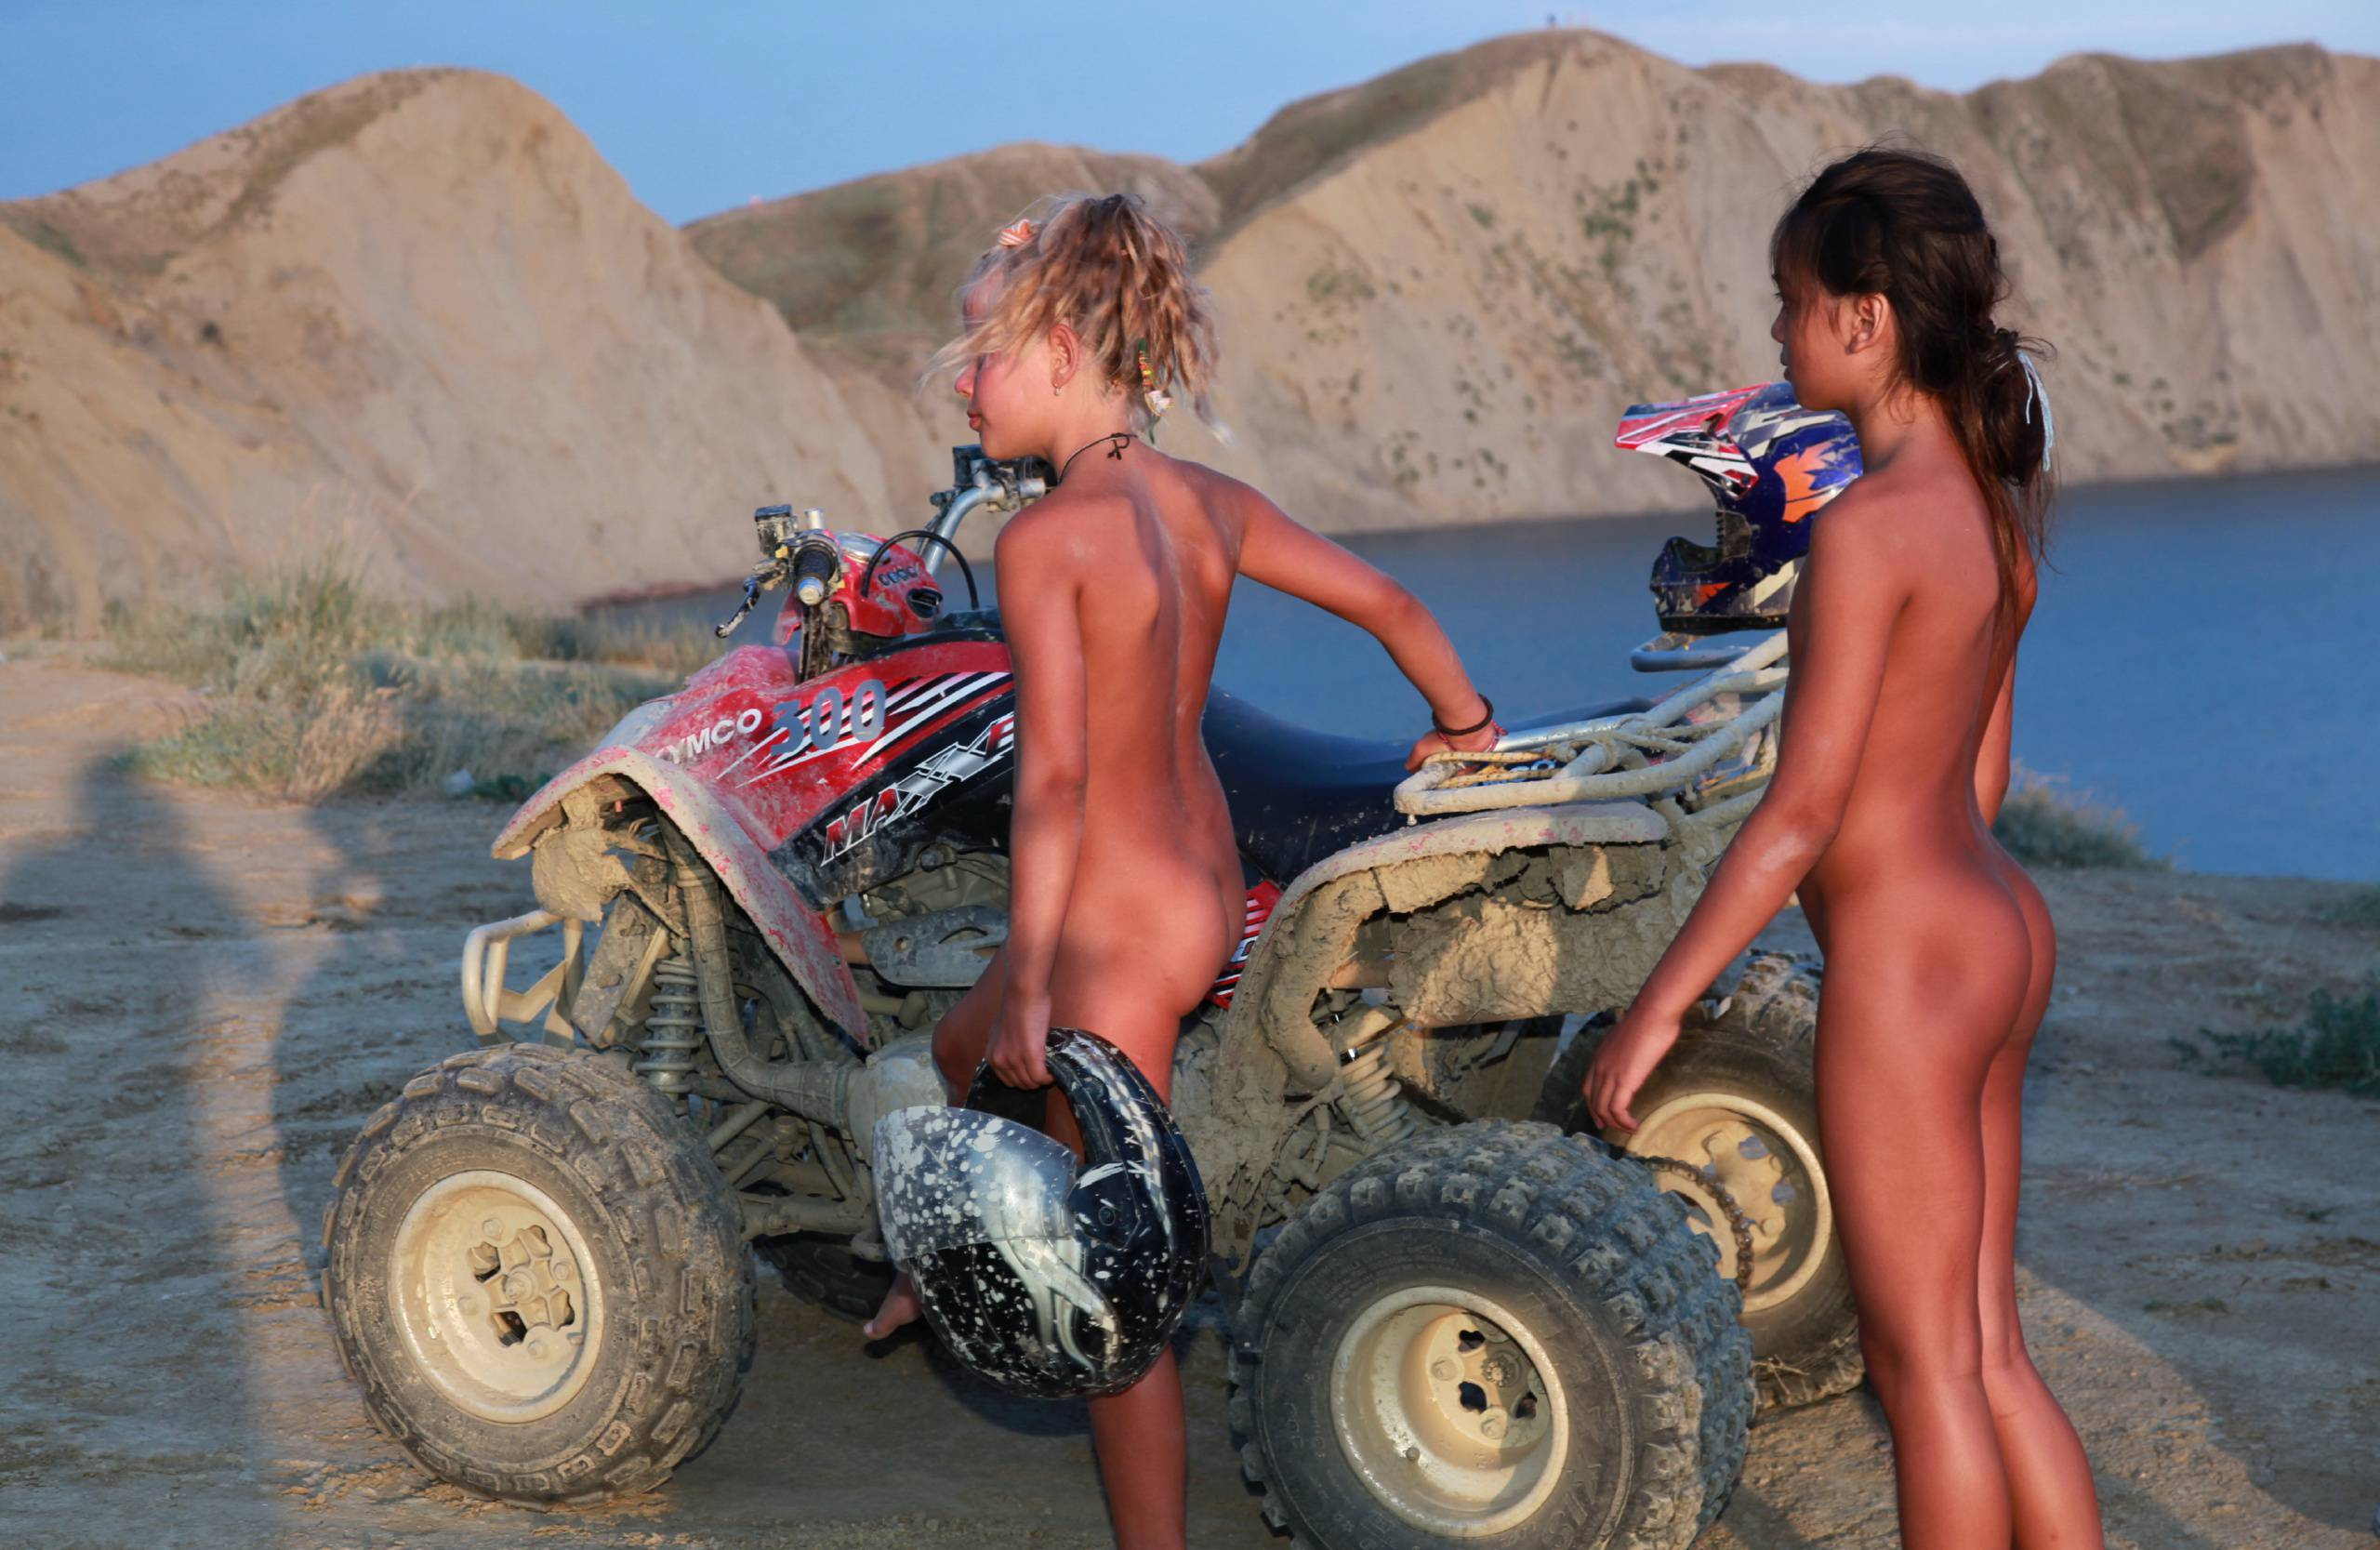 Pure Nudism Photos-Blue Sky ATV Riding - 1